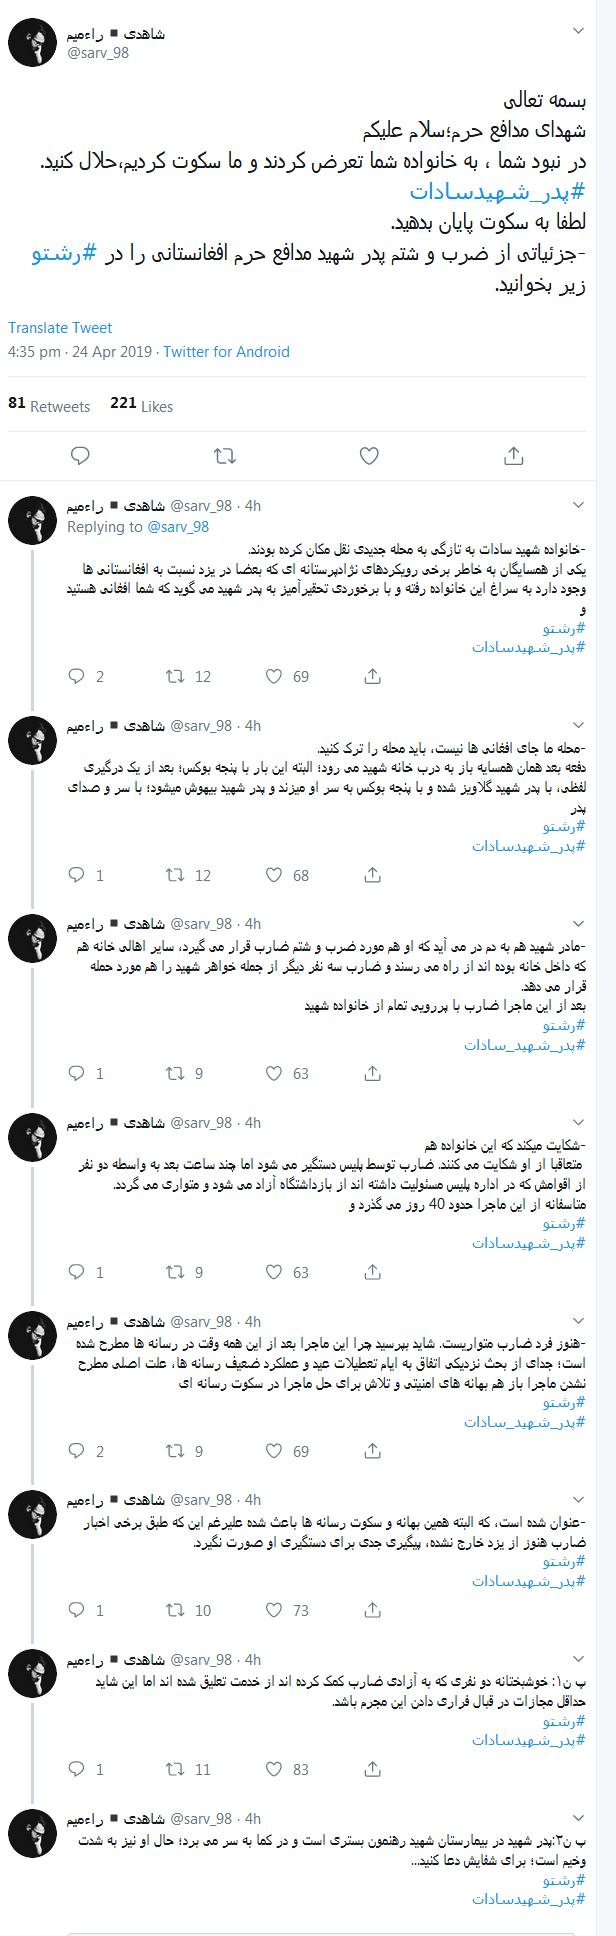 ماجرای ضربوشتم خانواده شهید مدافع حرم افغانستانی در یزد چه بود؟